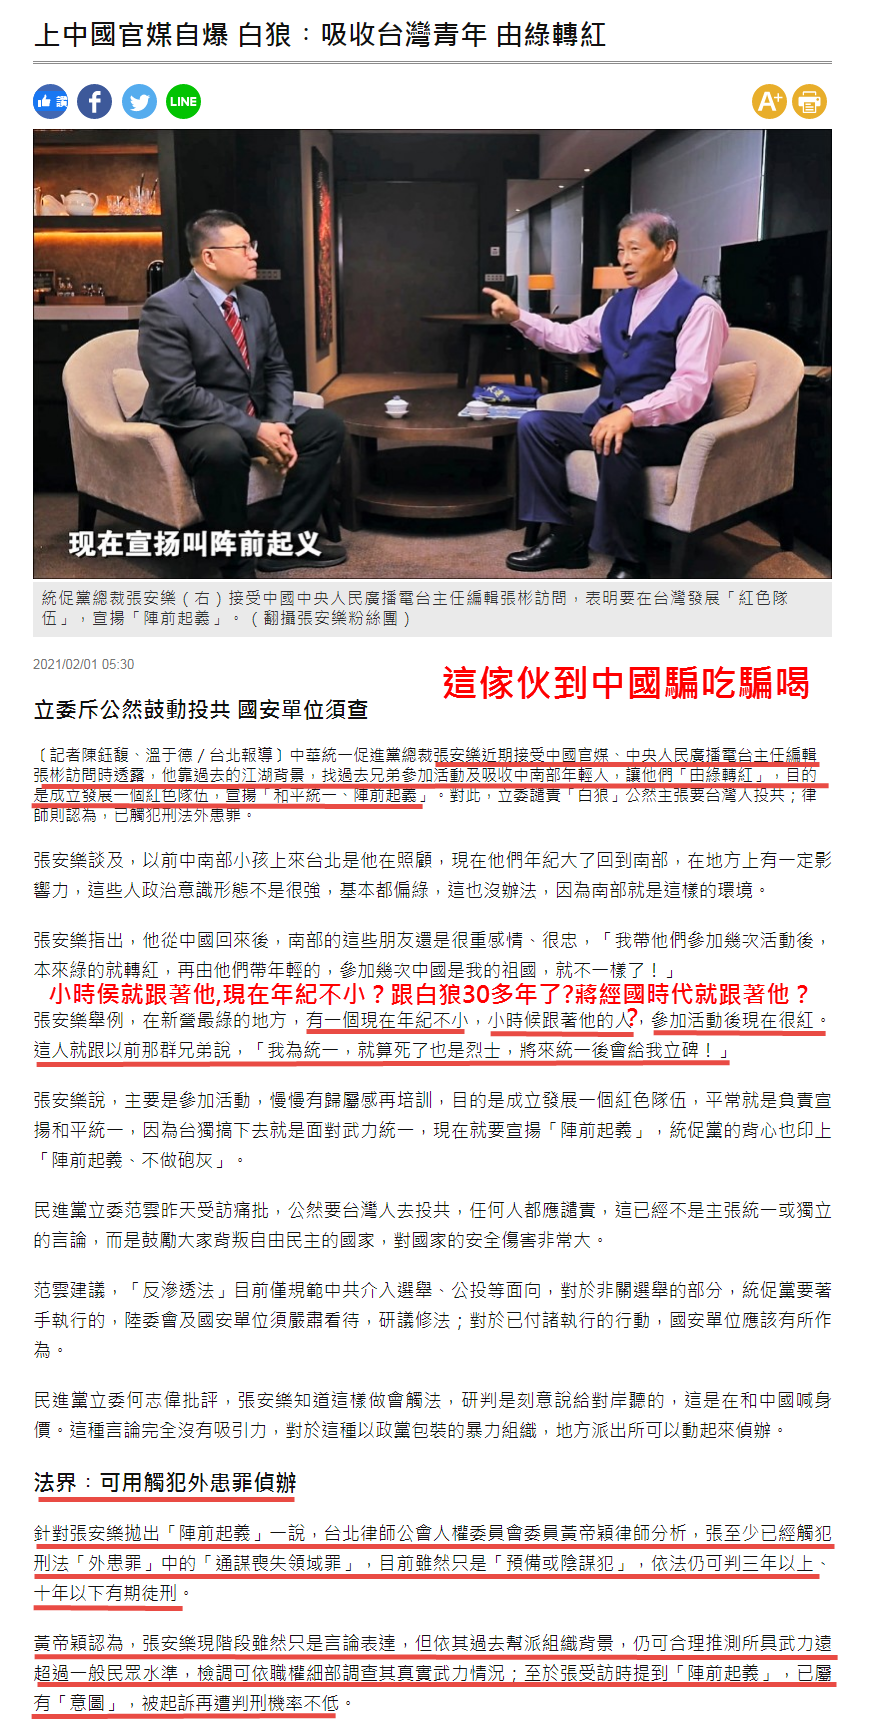 上中國官媒自爆 白狼︰吸收台灣青年 由綠轉紅 - 自由時報-2021.02.01.png